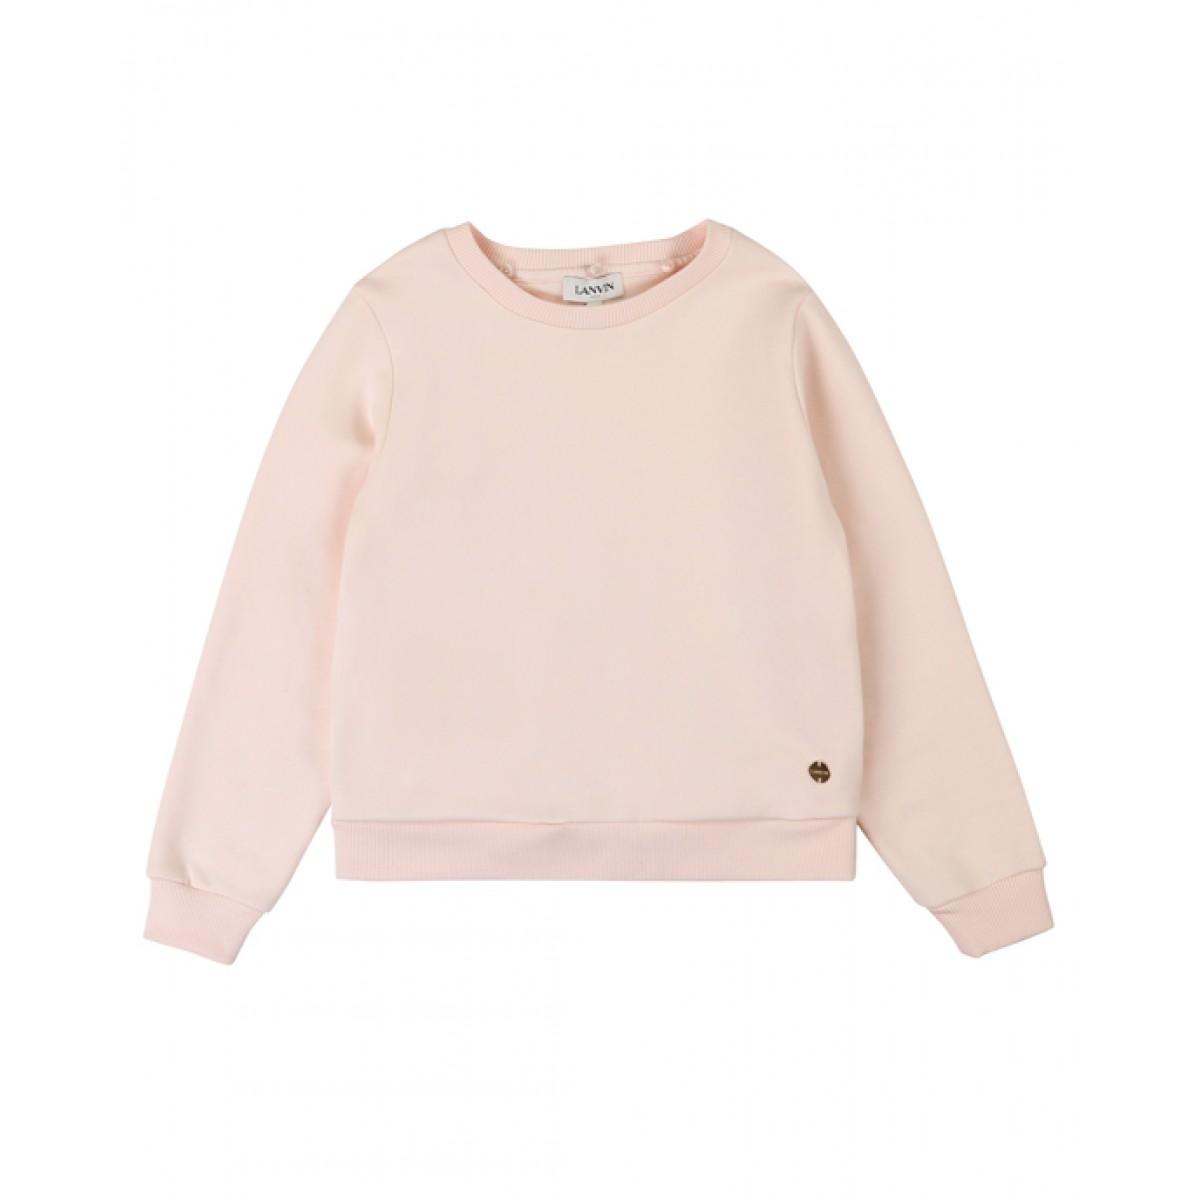 LANVIN Hooded floral print sweatshirt